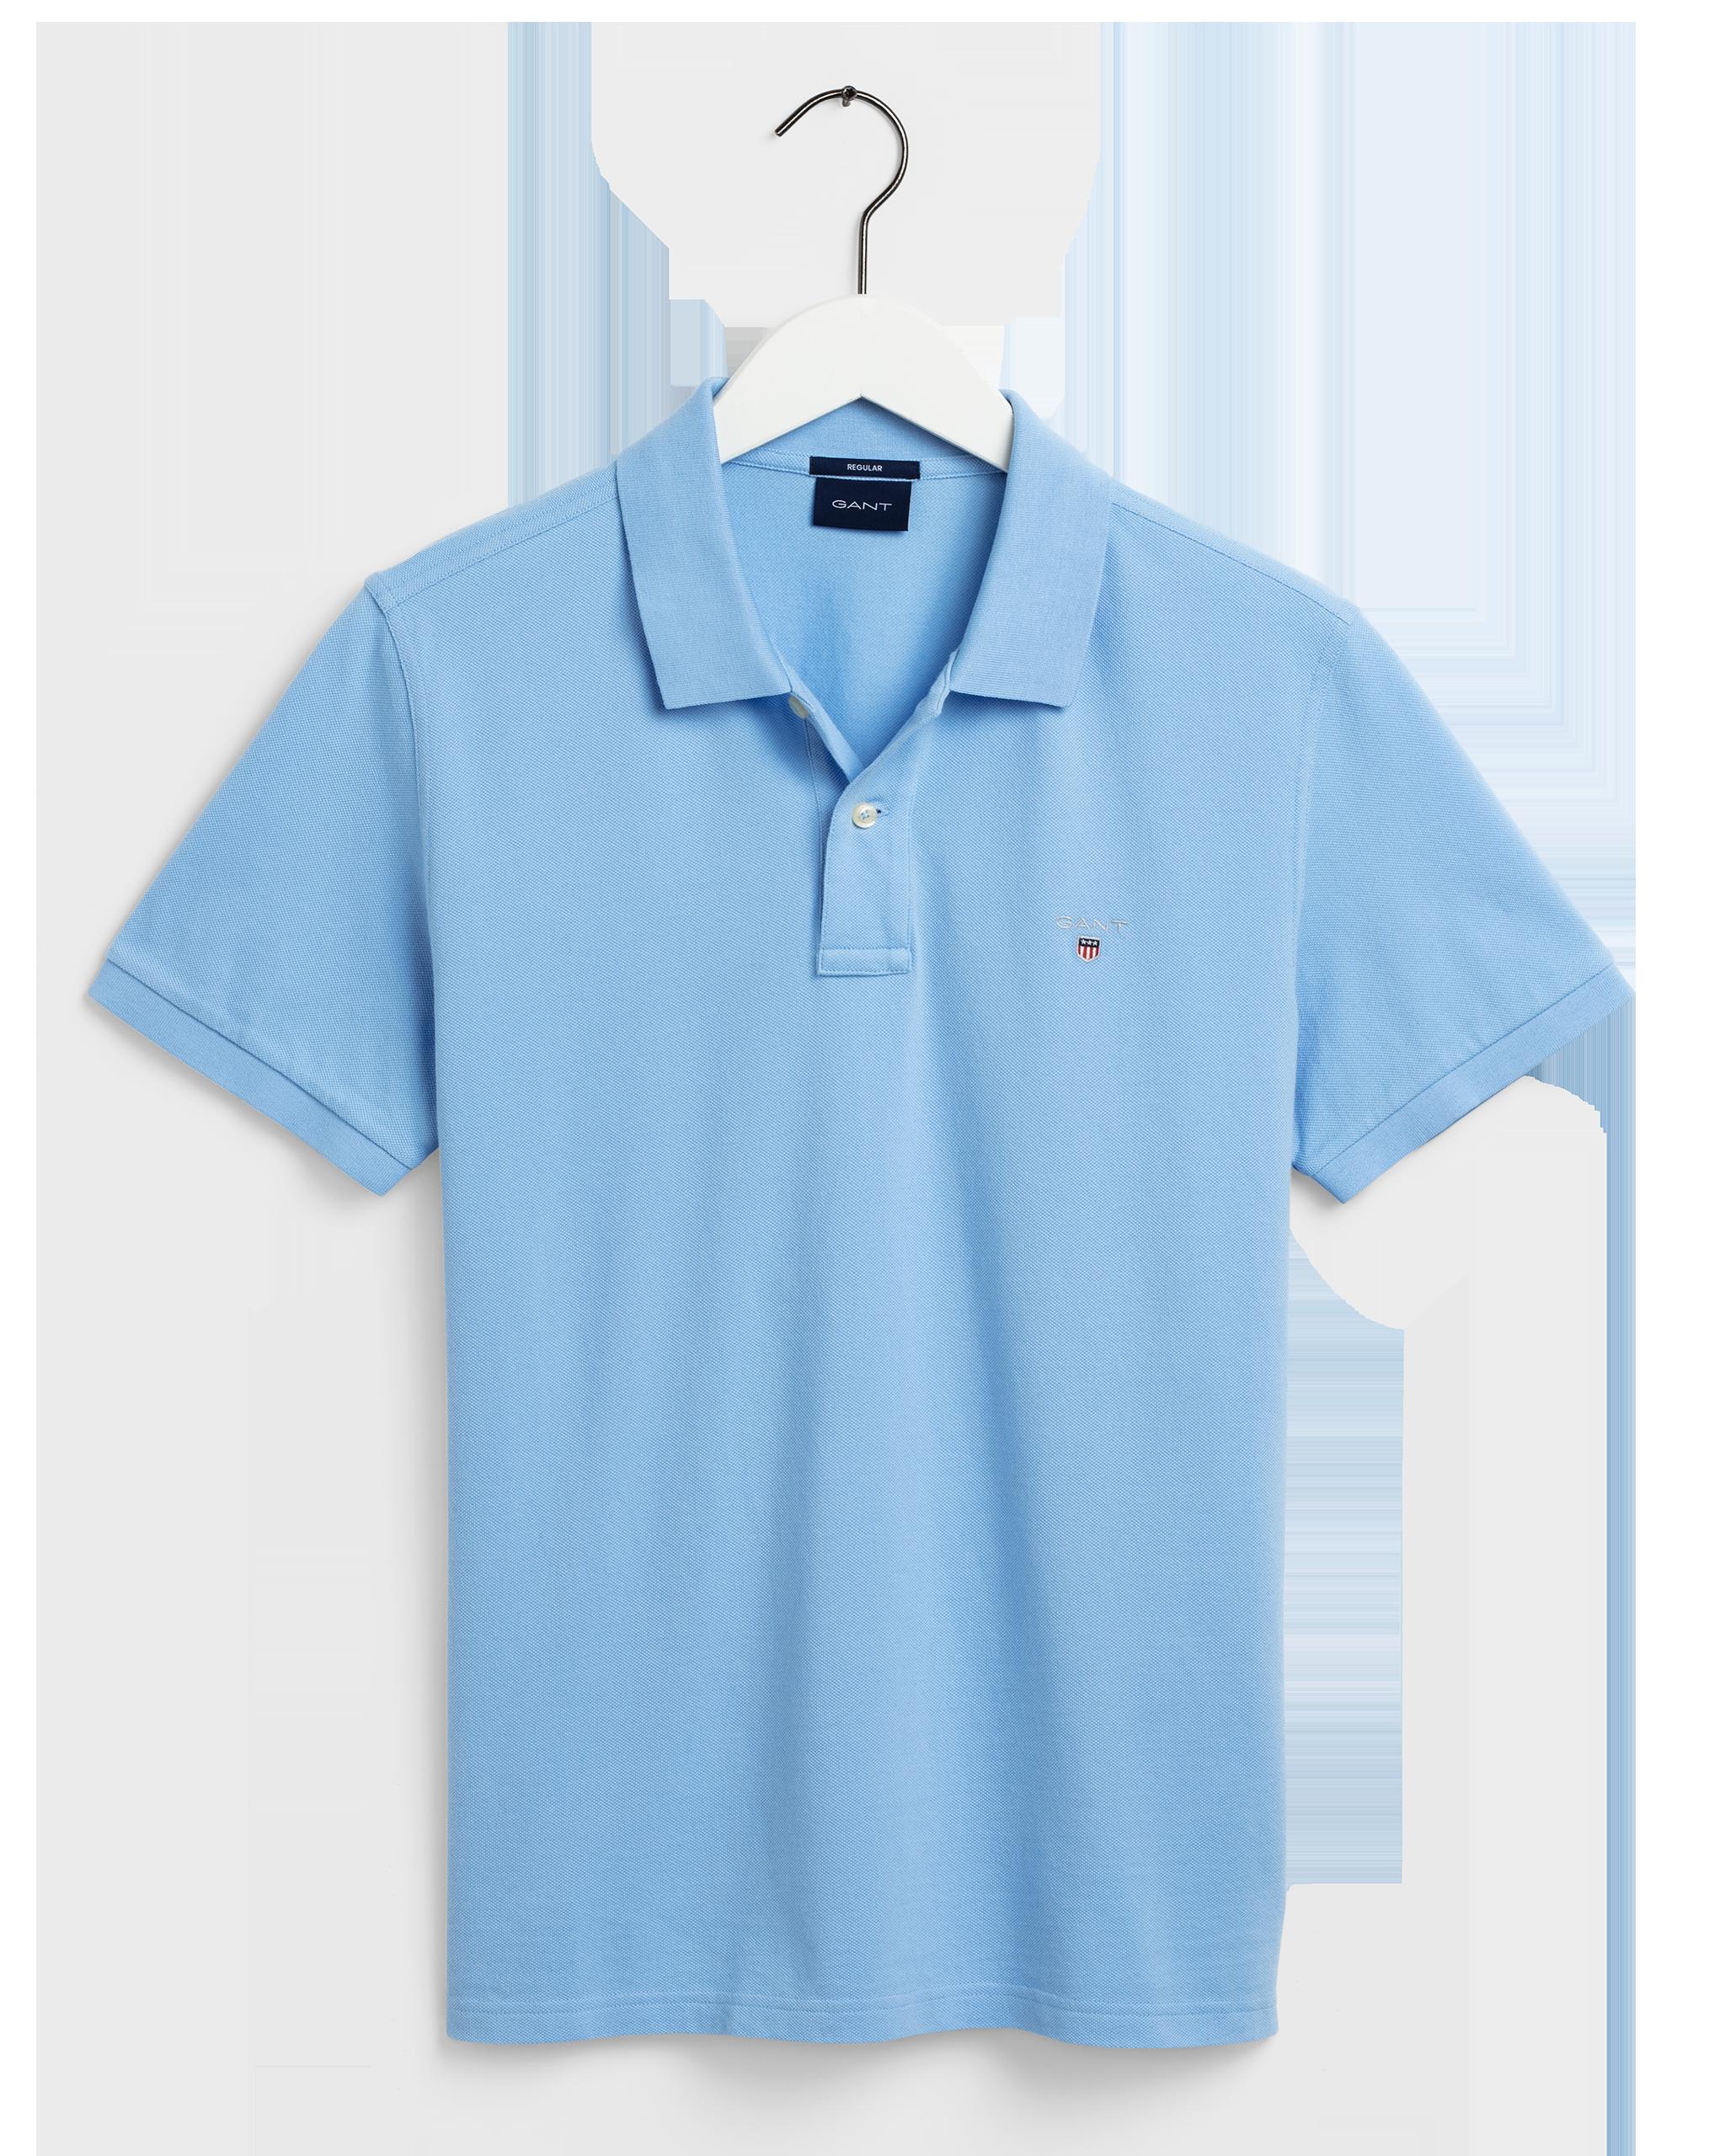 Gant Original Pique Polo T-shirt, Light Blue, XL